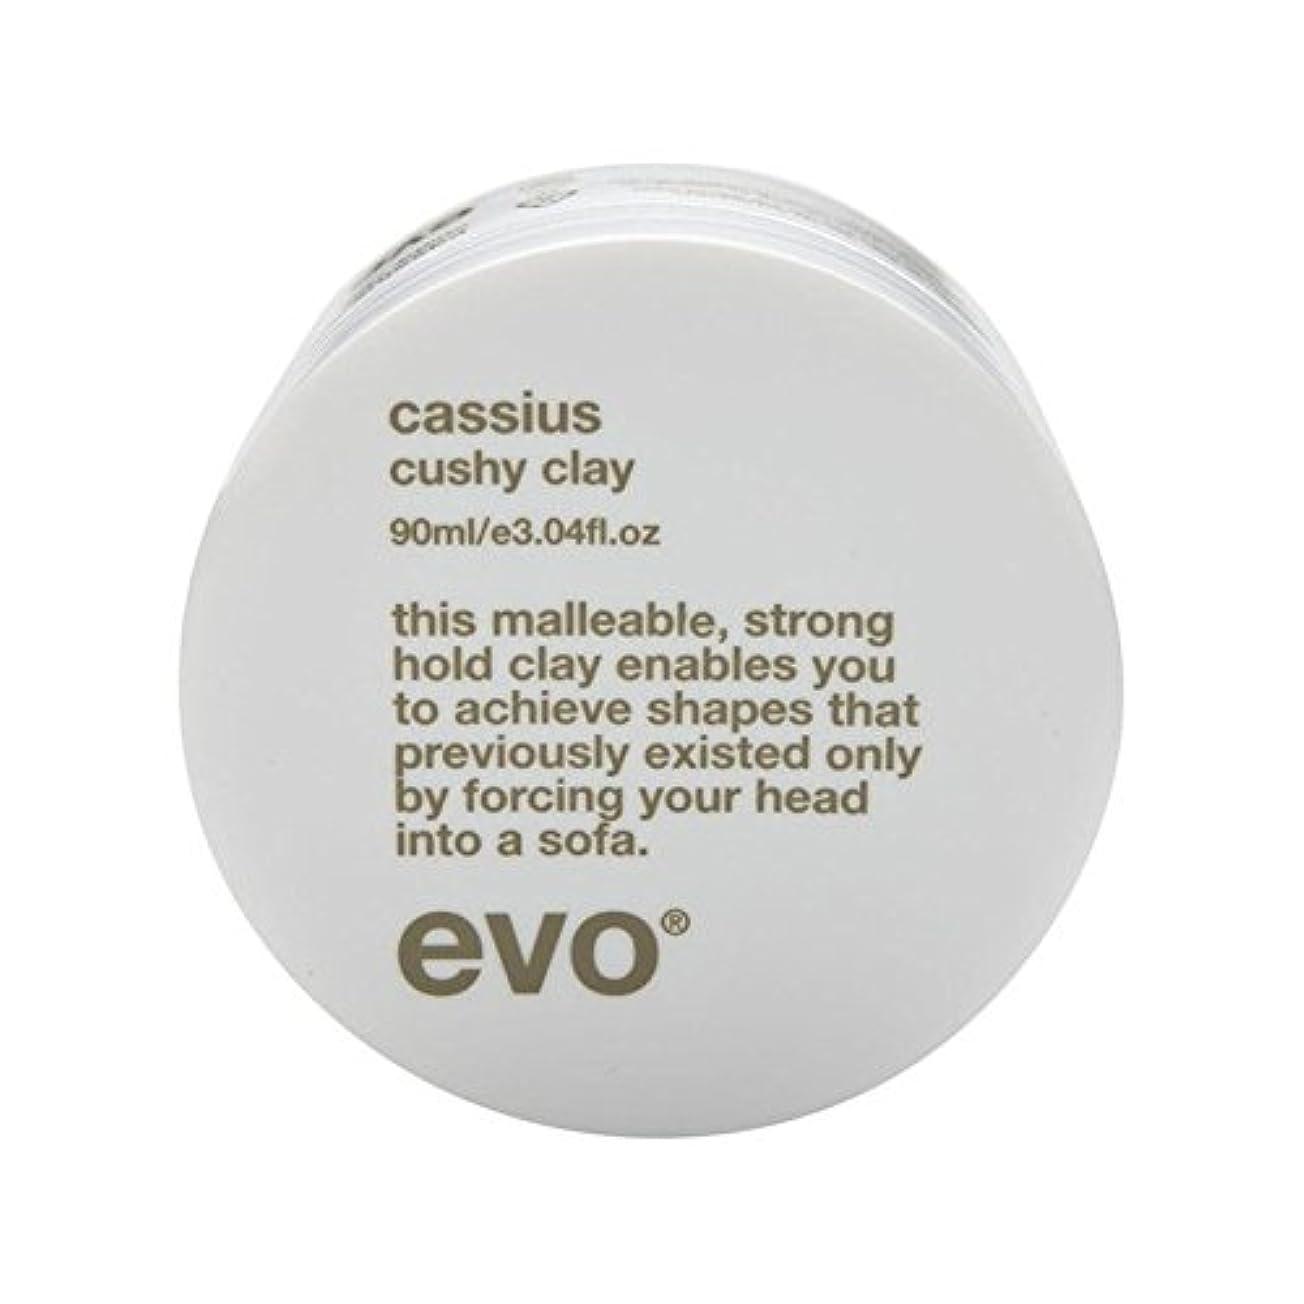 会計士指令せせらぎエボカシウス楽な粘土90グラム x4 - Evo Cassius Cushy Clay 90G (Pack of 4) [並行輸入品]